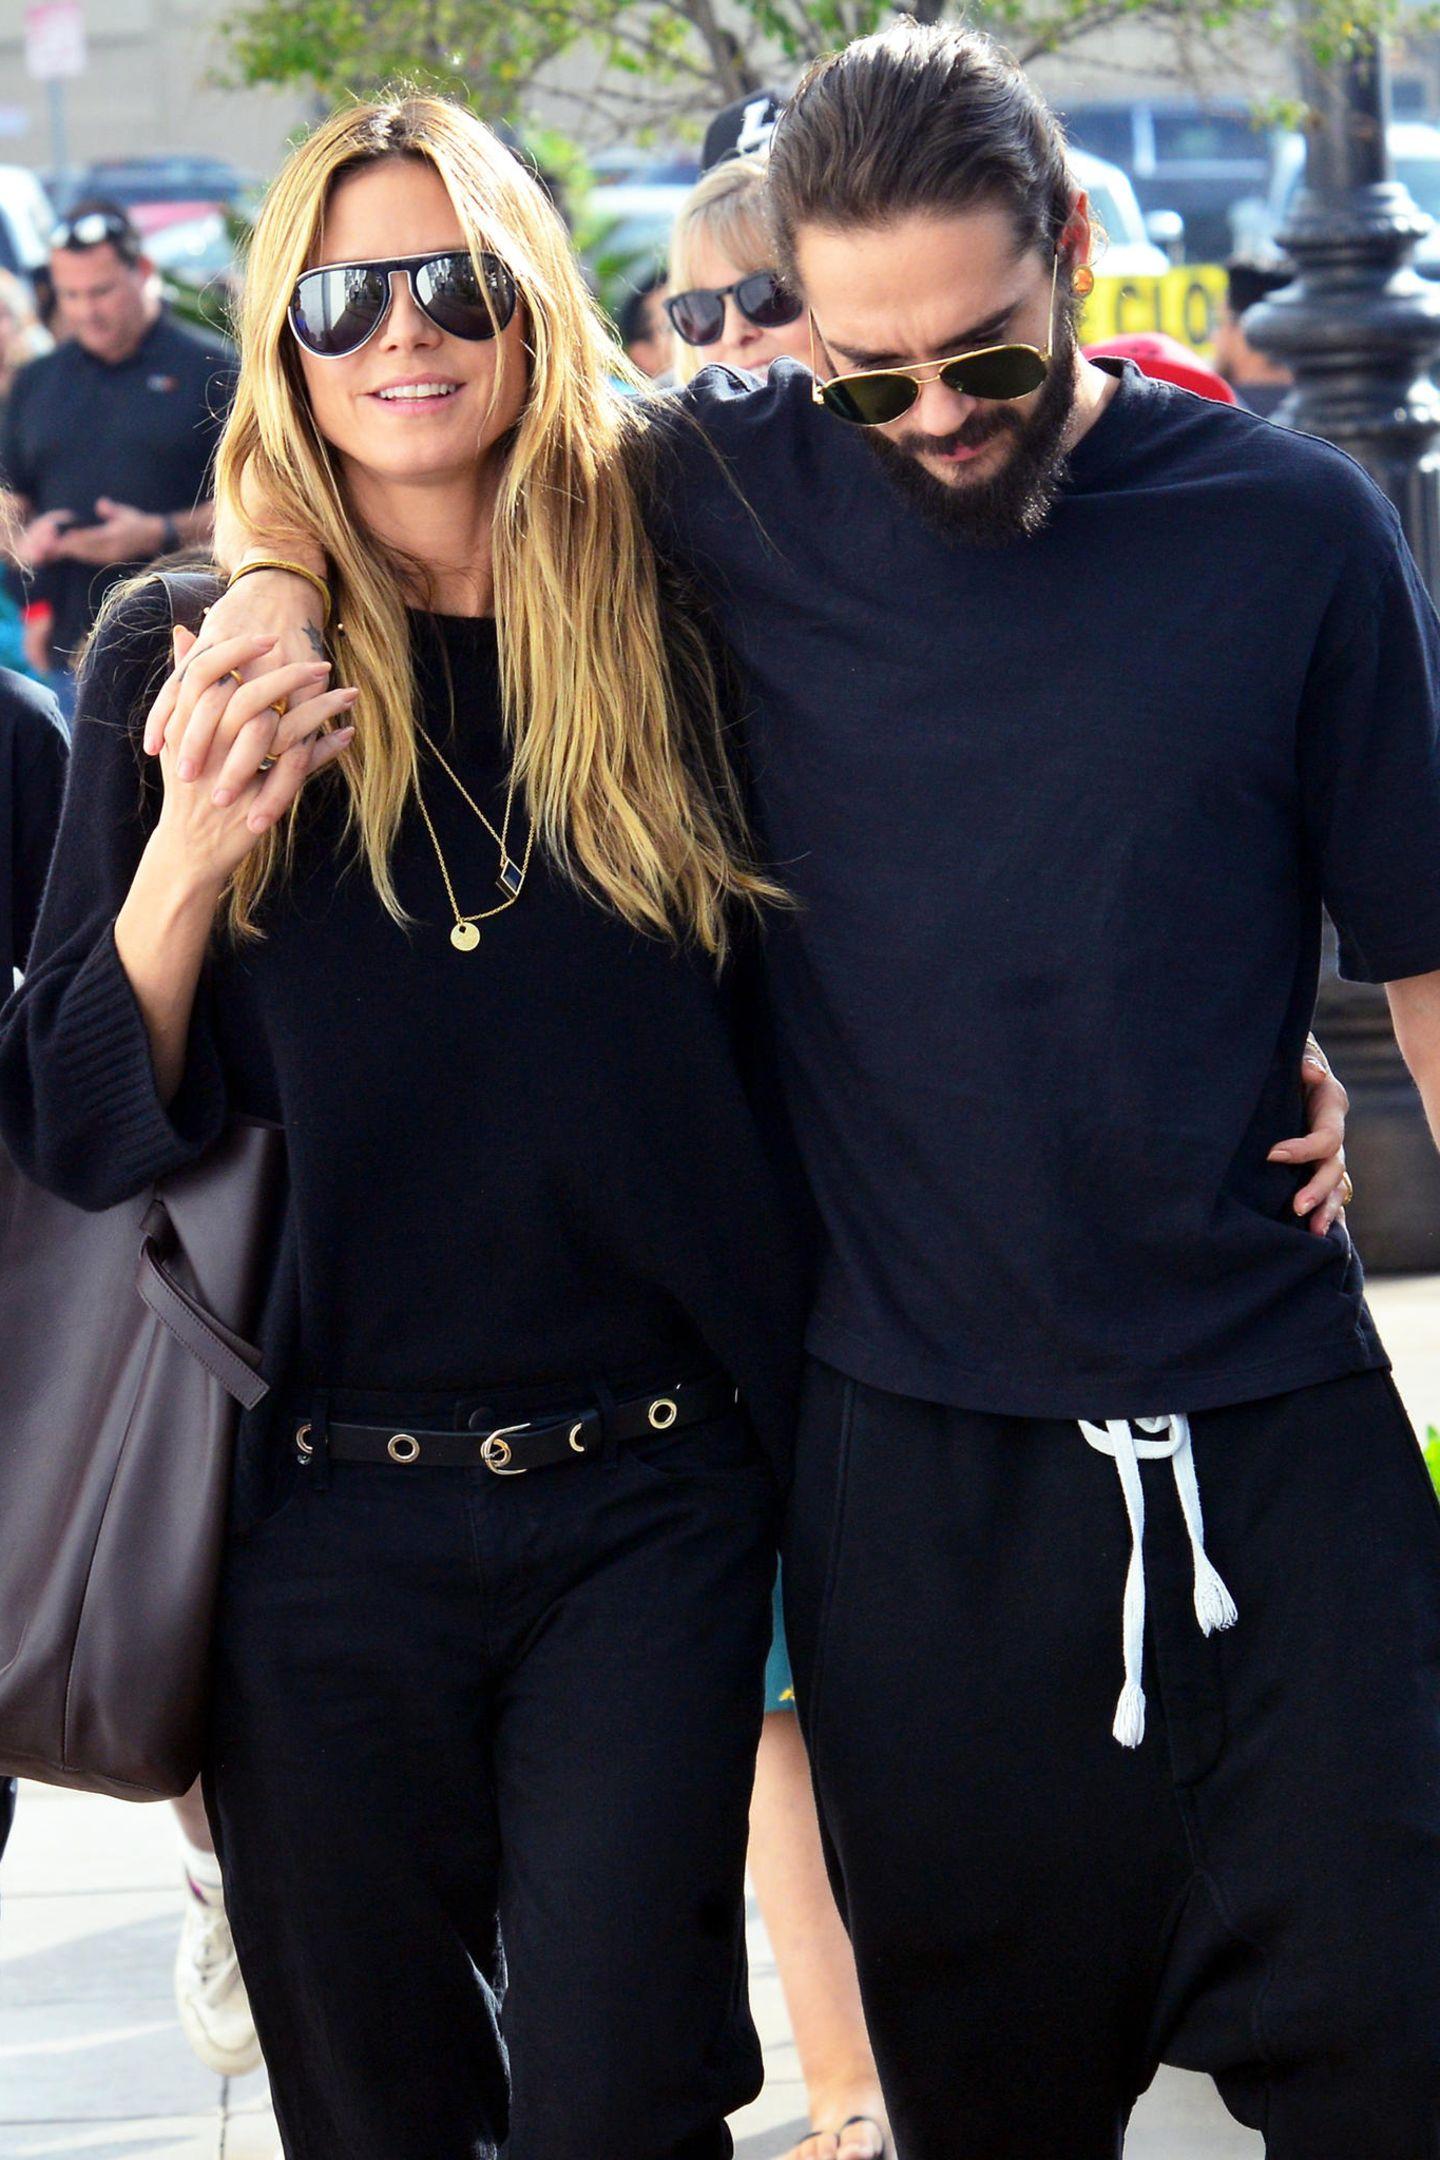 Heidi Klum und ihr FreundTom Kaulitz schlendern im entspannten Casual-Partnerlook durch Los Angeles. Ob dieser Partnerlook wohl nur reiner Zufall ist?